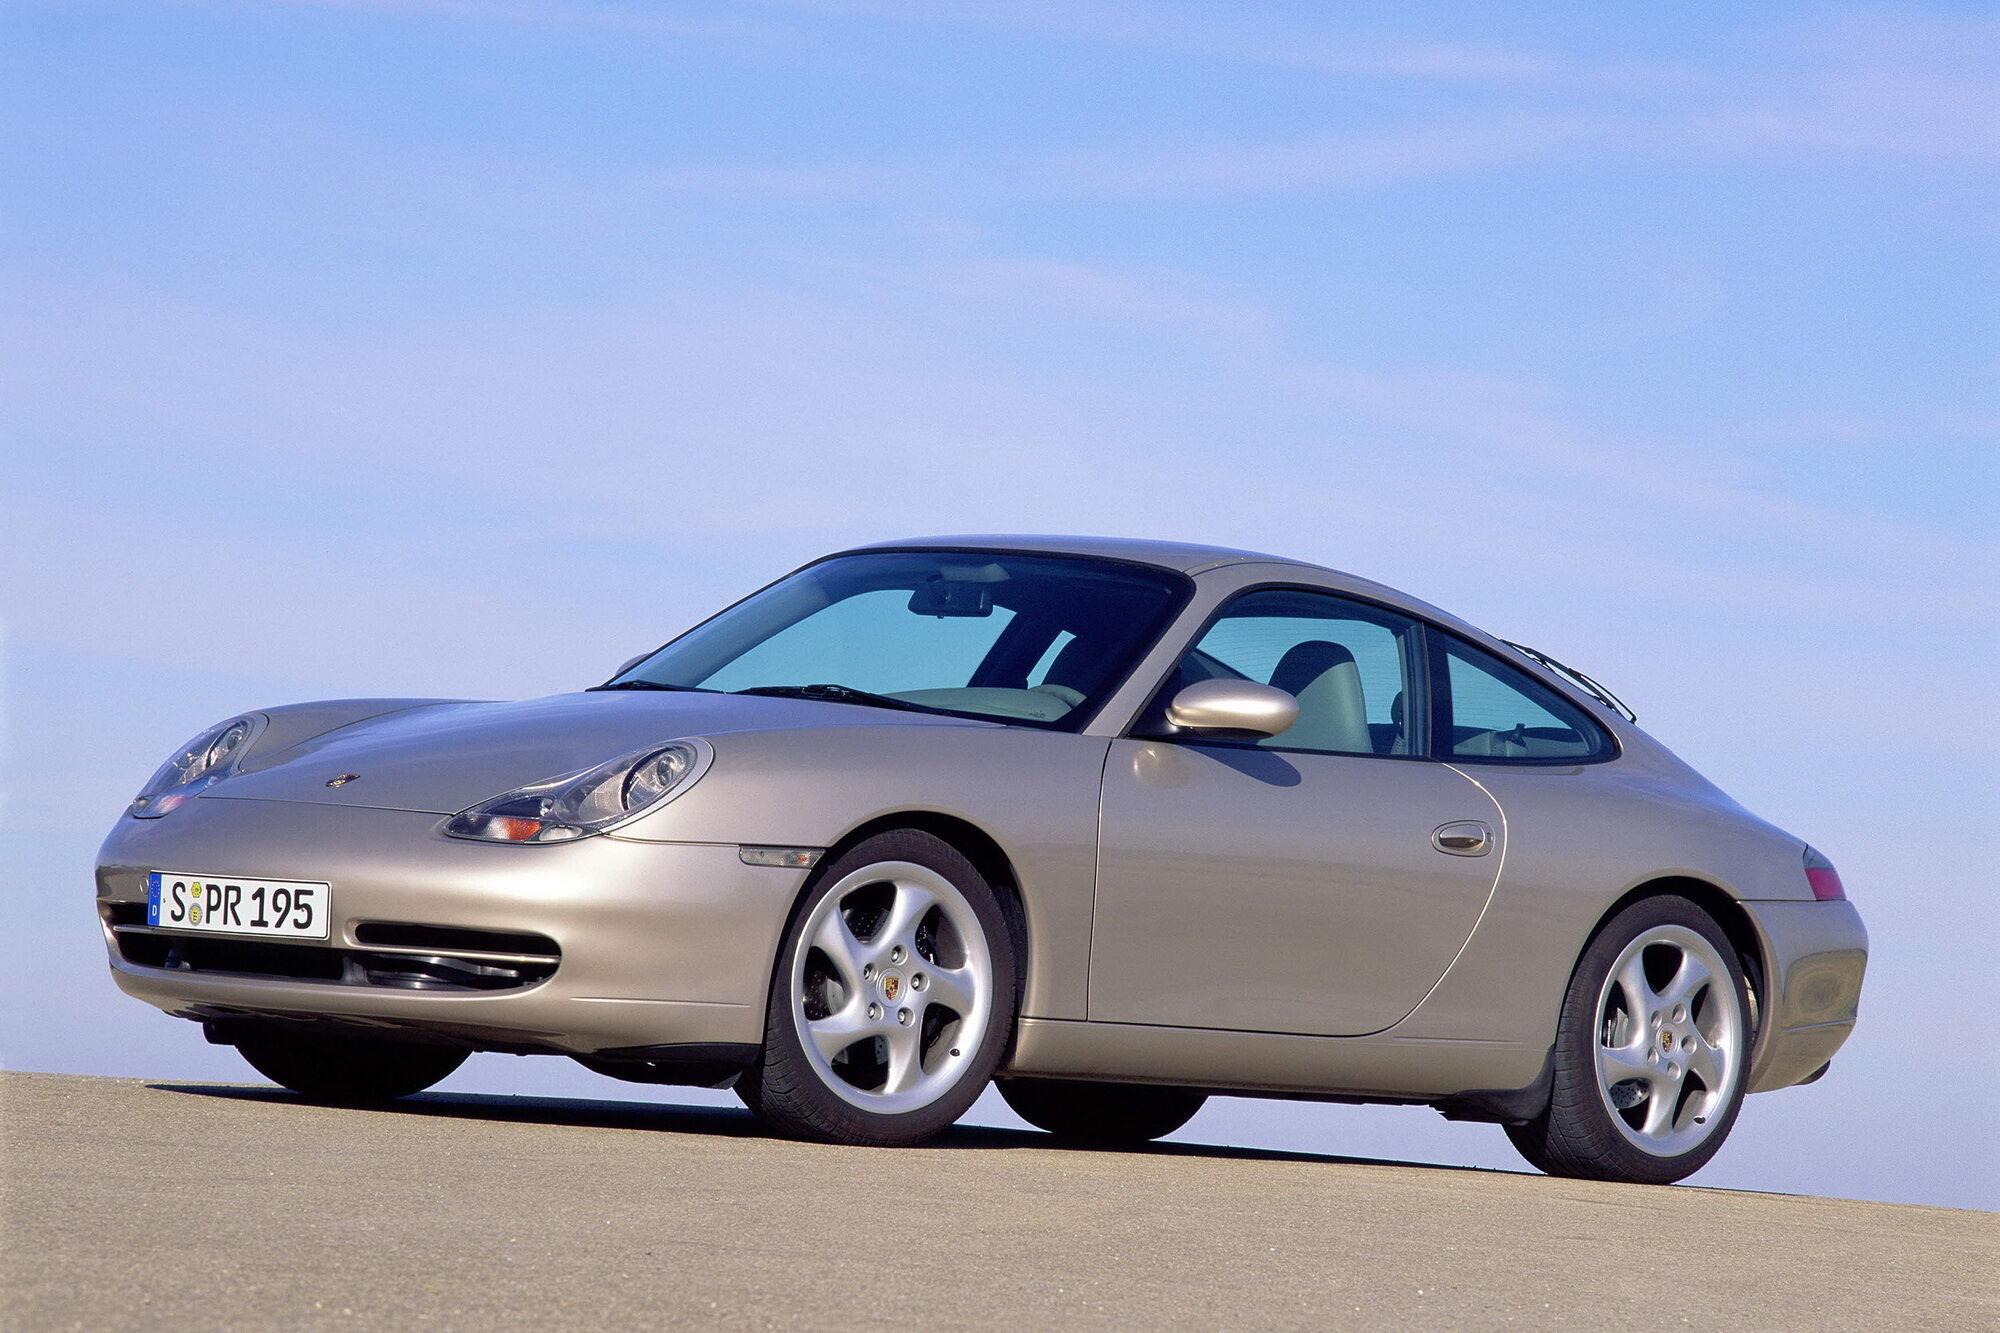 Модель семейства 996 выпускалась с 1997 по 2005 год